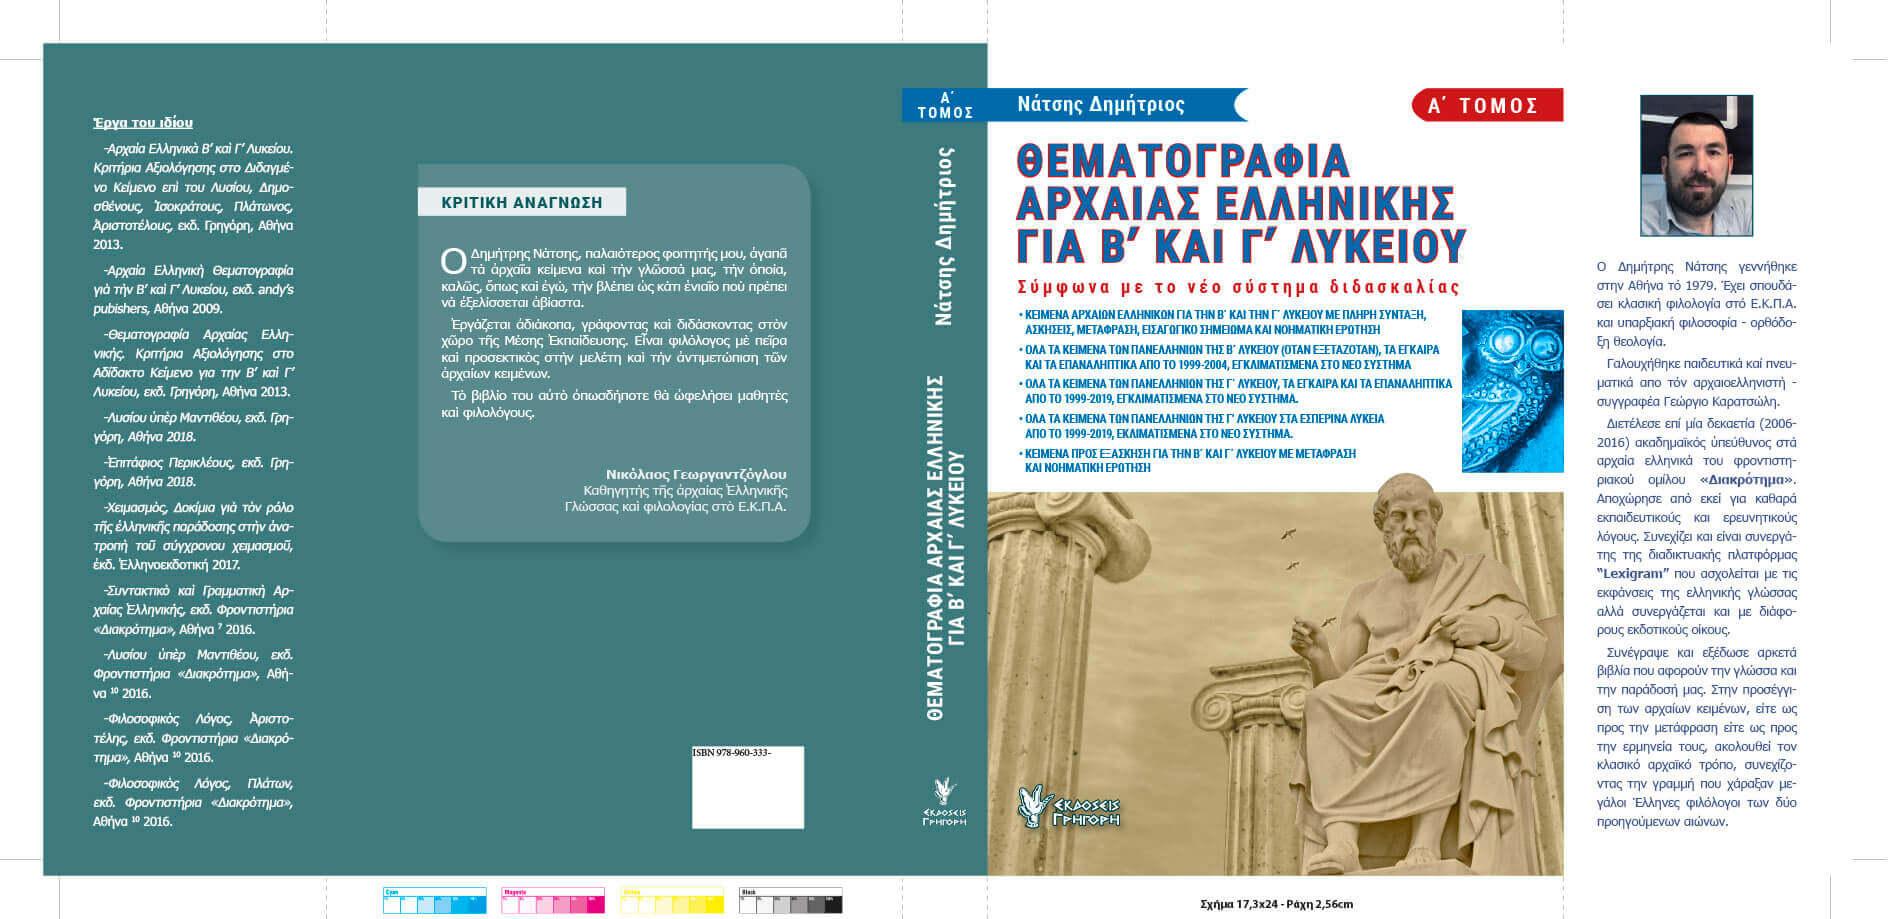 Εκδόσεις Γρηγόρης: Συντακτικό & Θεματογραφία Νέας Μορφής Εξέτασης